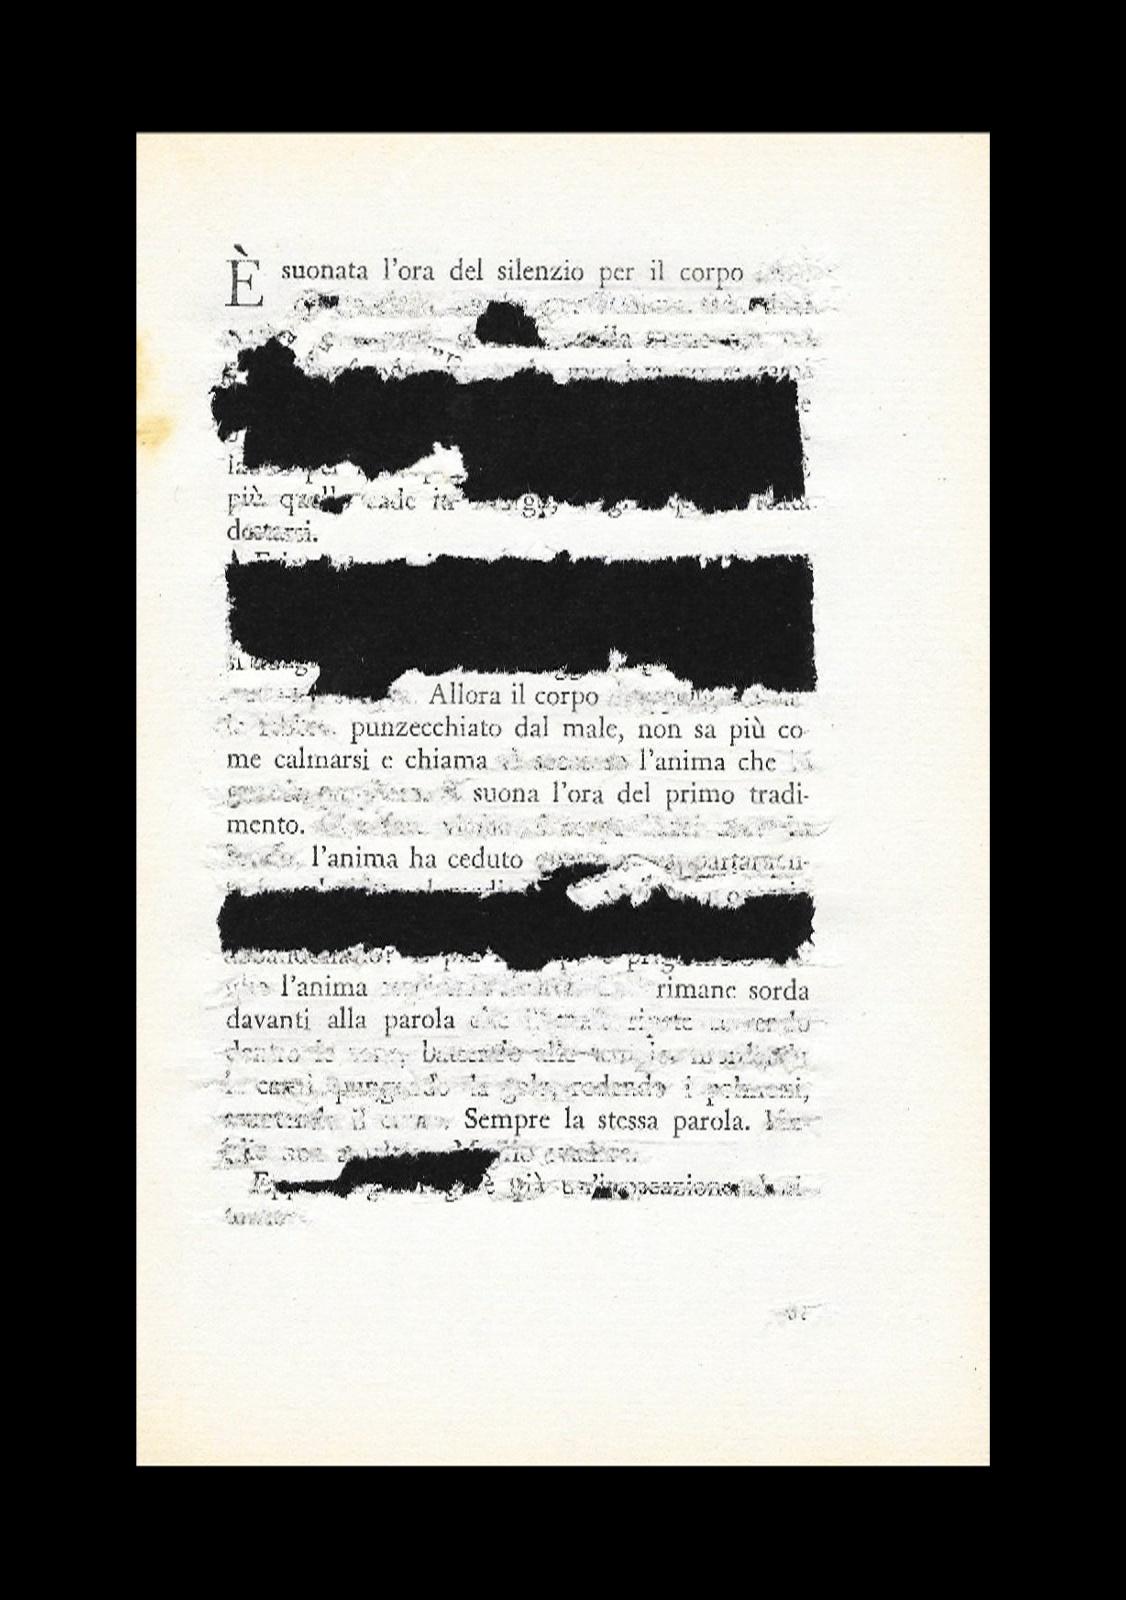 È suonata l'ora del silenzio per il corpo - cacciavite su pagina in esilio dal libro - cornice 18x24